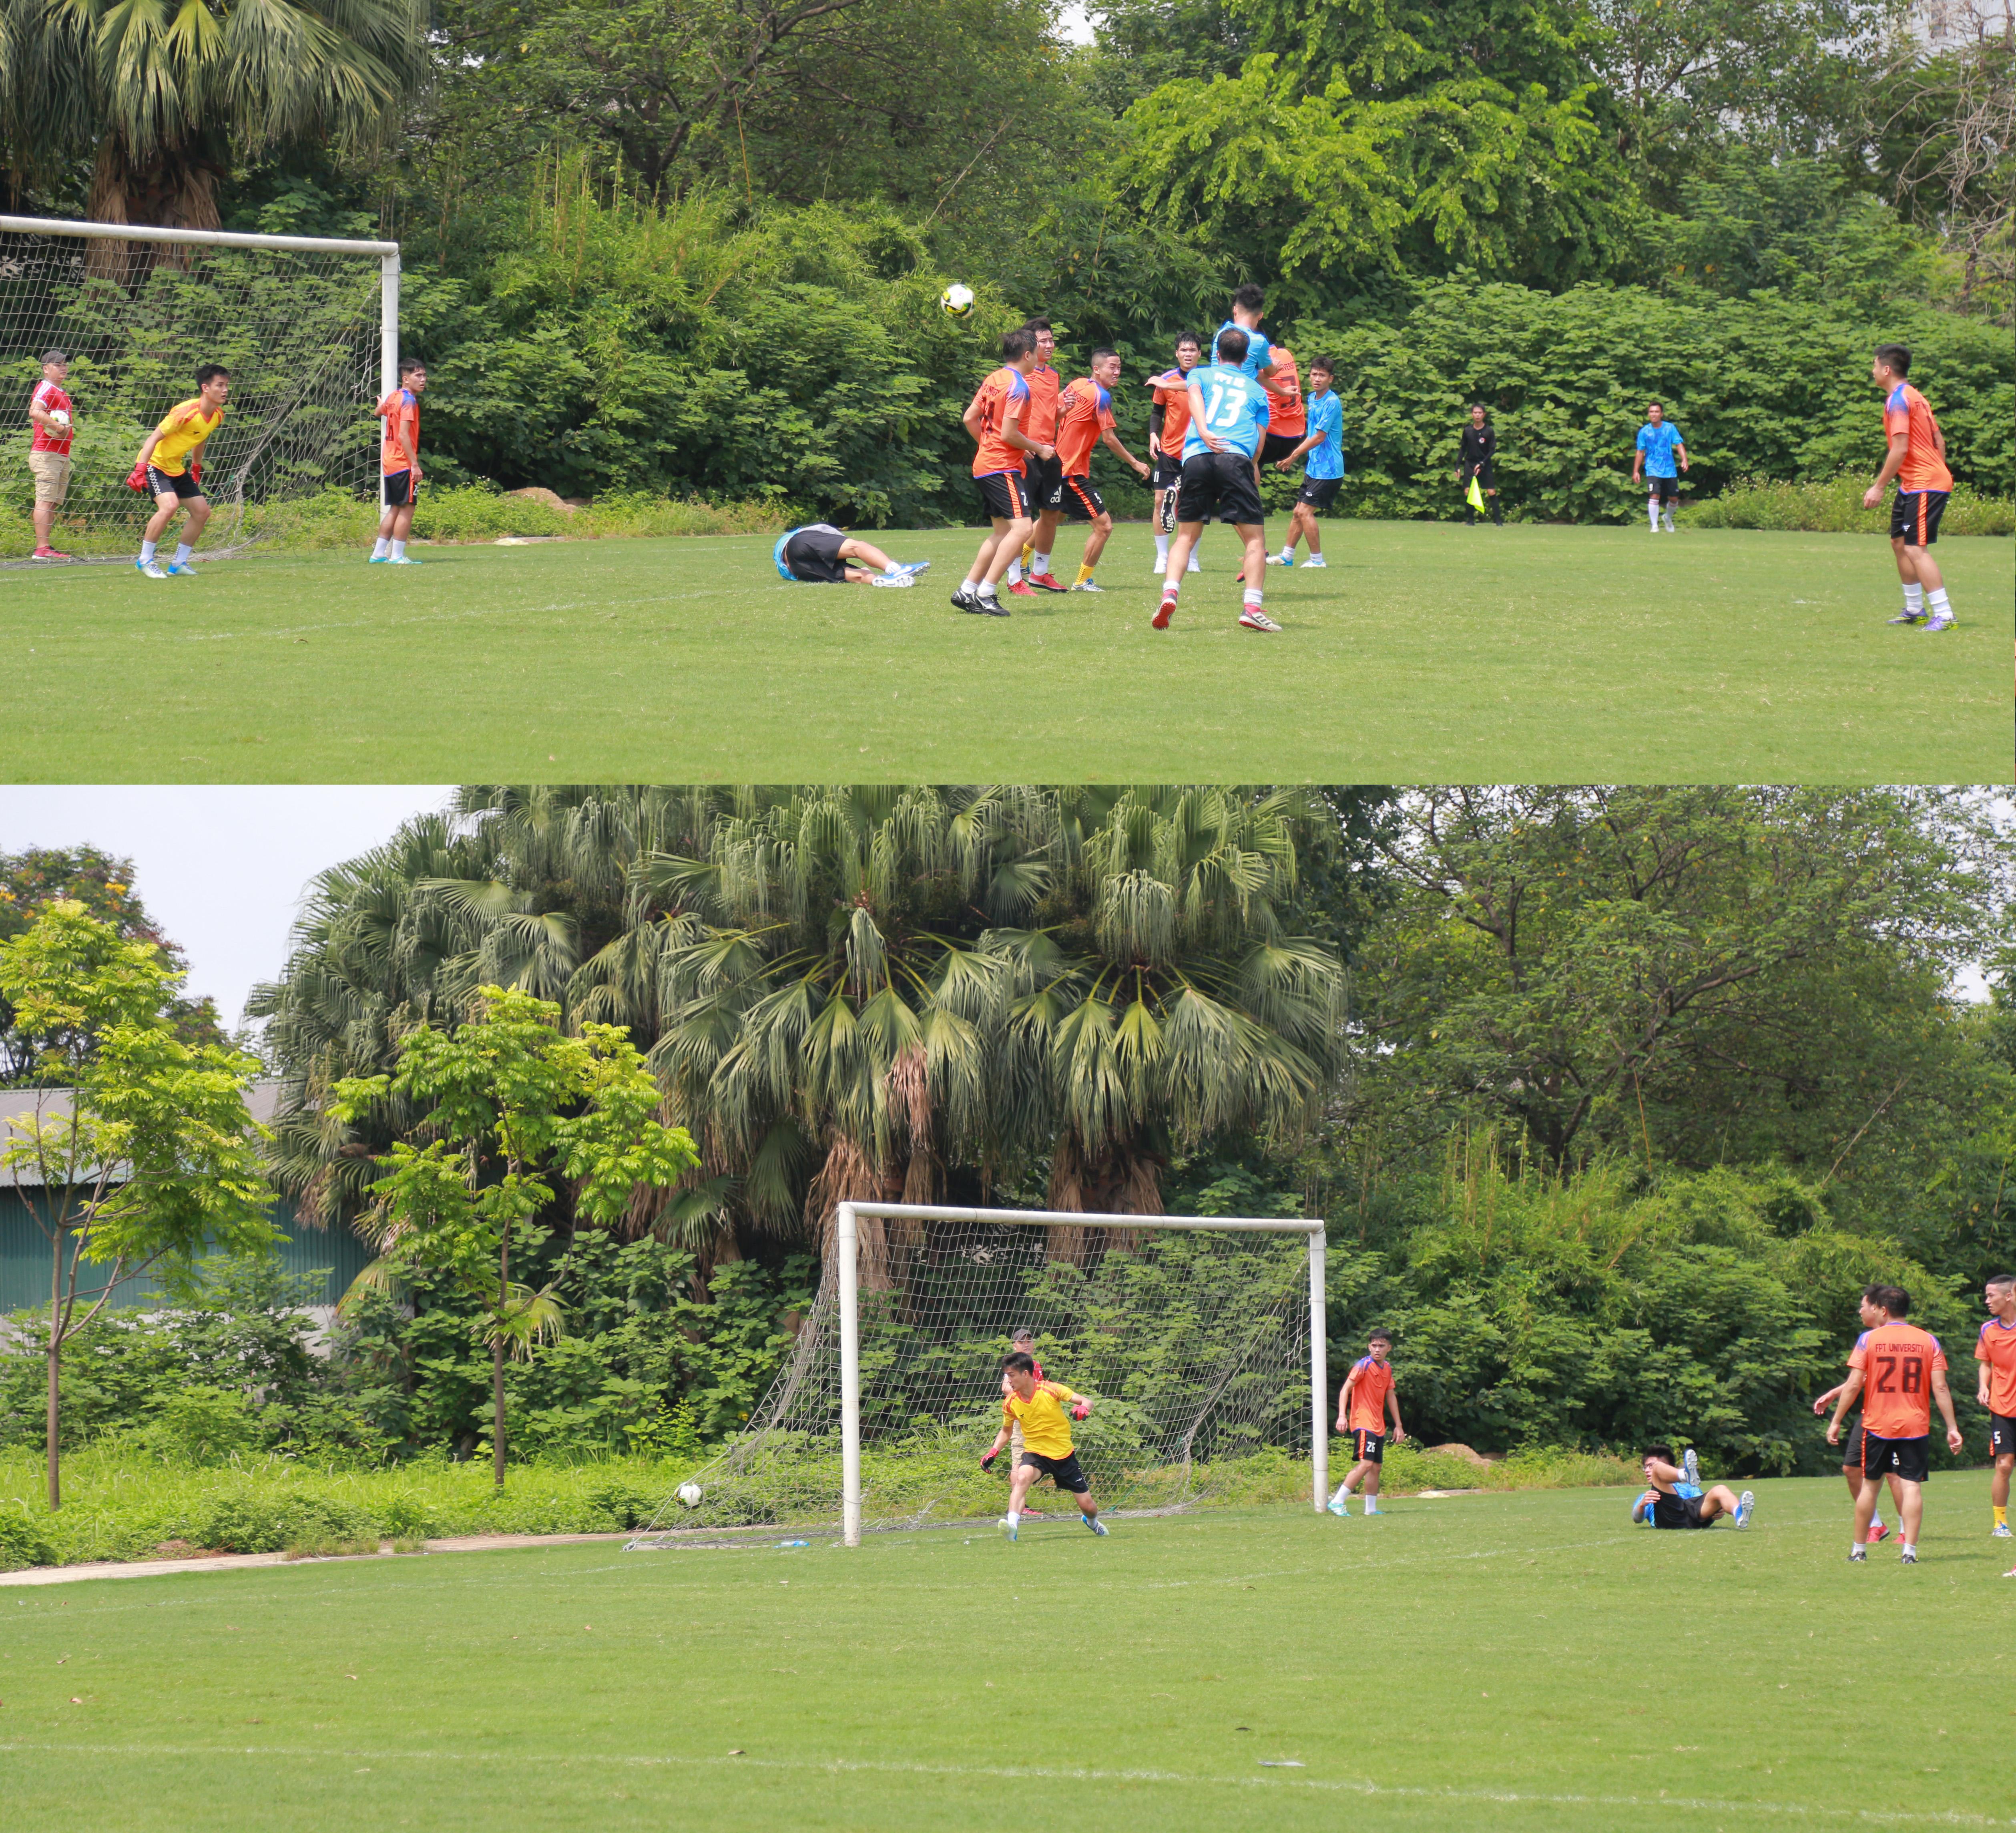 FPT IS áp dụng chiến lược lấy công làm thủ, cho thấy mình cũng là đối thủ đáng gờm khi liên tục bắn phá khung thành đối phương ngay từ đầu trận. Tuy nhiên, các cầu thủ áo xanh phải chờ đến cuối hiệp 1 mới ghi được bàn thắng bằng pha đánh đầu cận thành từ tình huống đá phạt góc của cầu thủ số 8 Hồ Văn Phong.